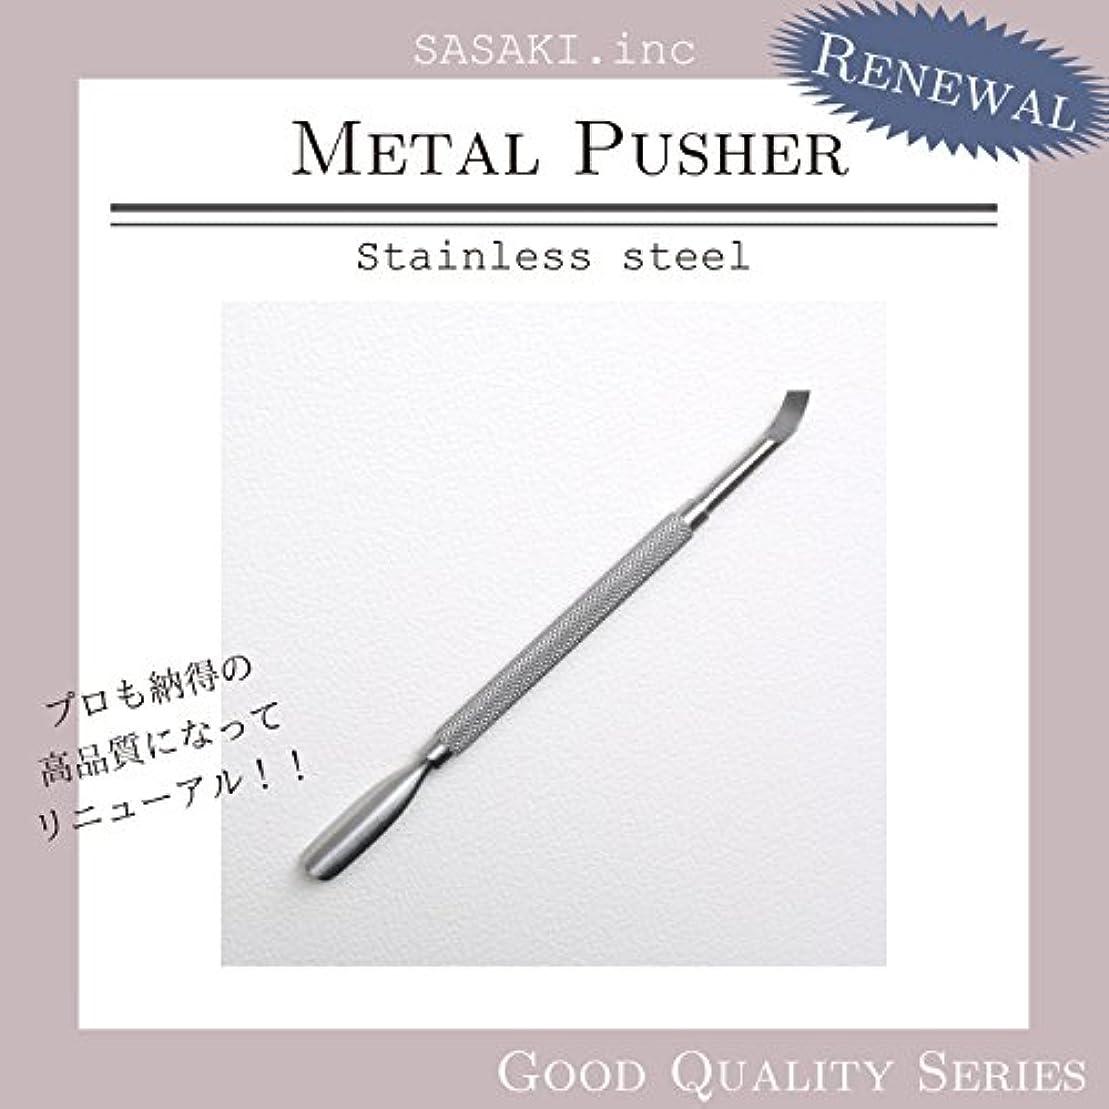 パステル協力的かる【ジェルネイル】キューティクルプッシャー〈 ステンレス製 〉全長133mm